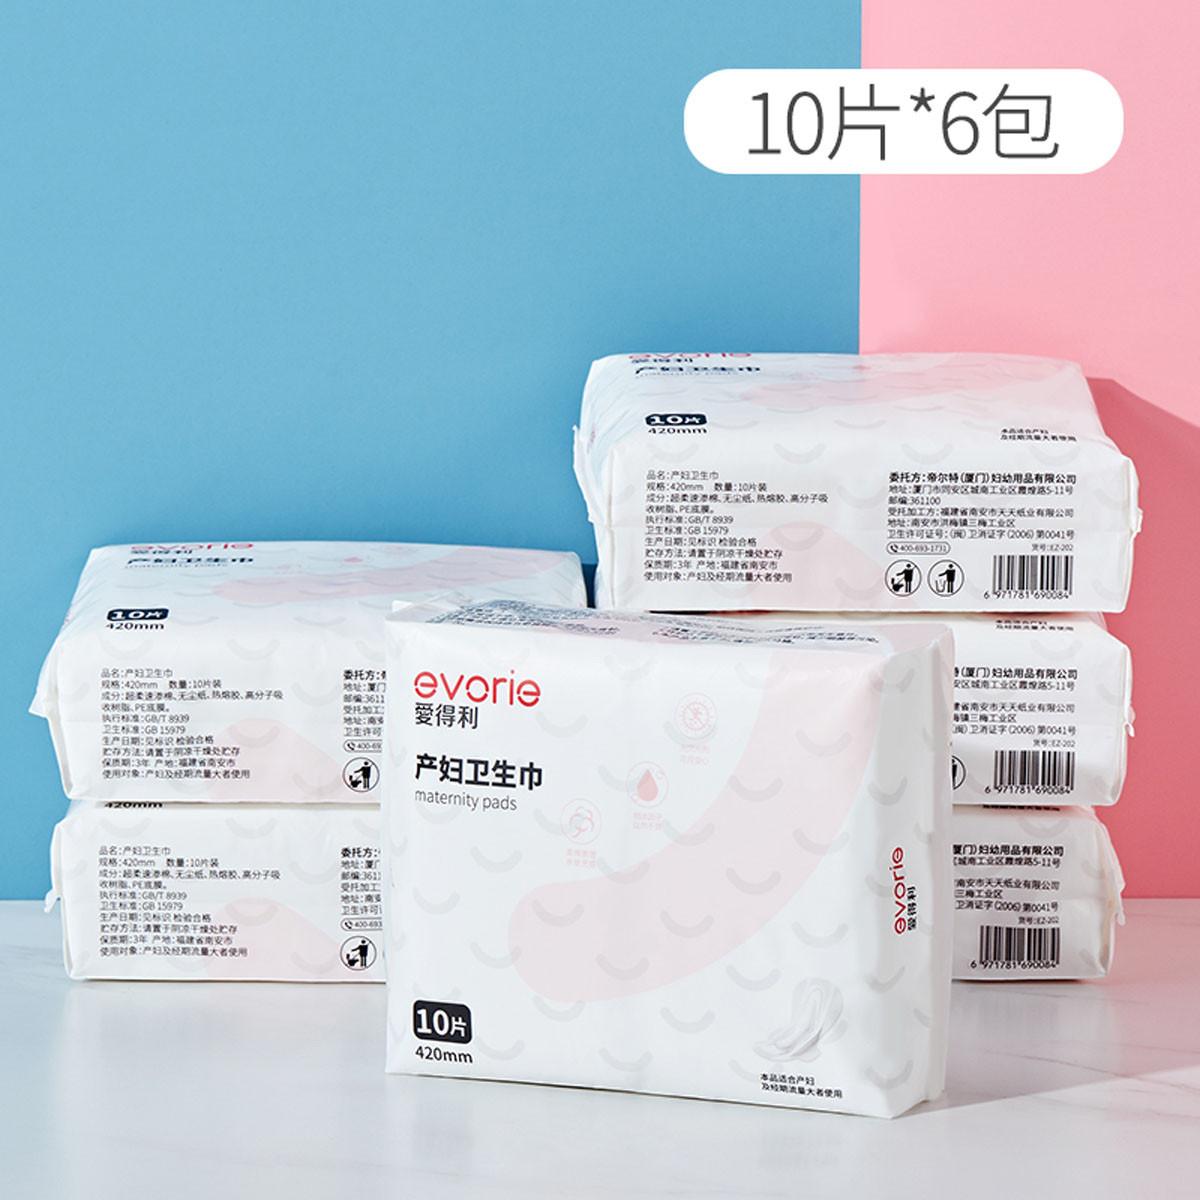 爱得利 特卖产妇卫生巾产后月子妇用巾420mm加大加长护理巾大流量夜用